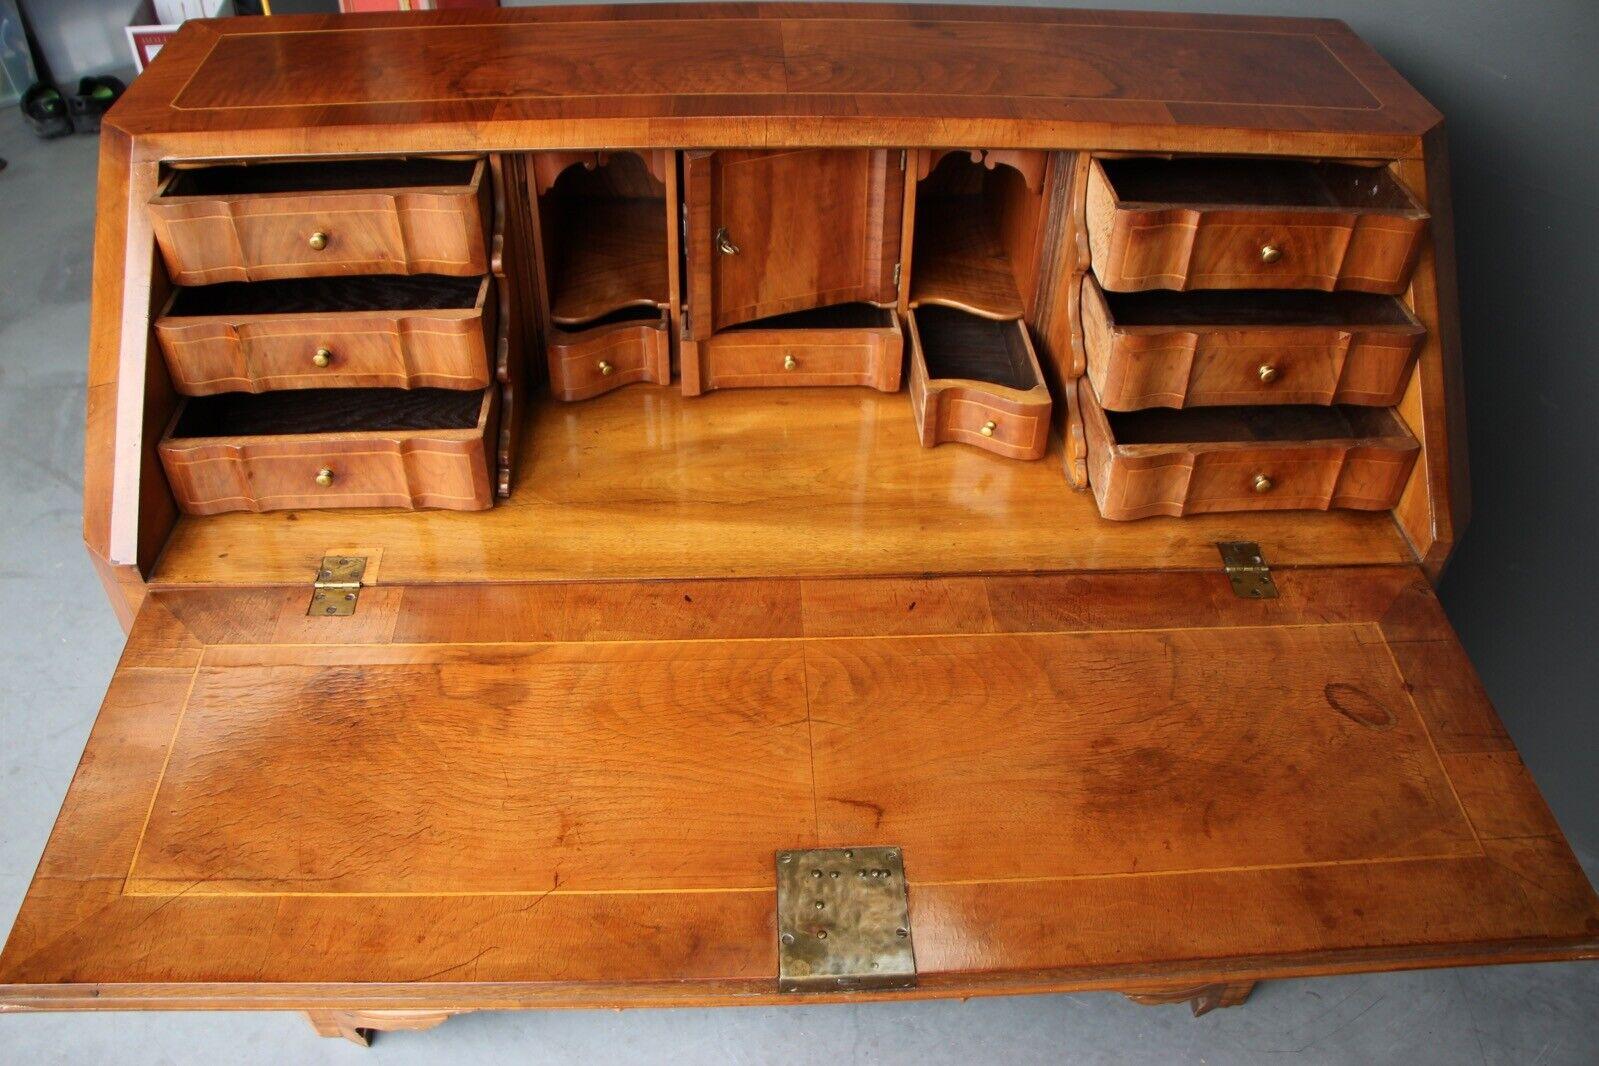 Rare antique 18th century European baroque walnut inlaid secretaire bureau desk 7